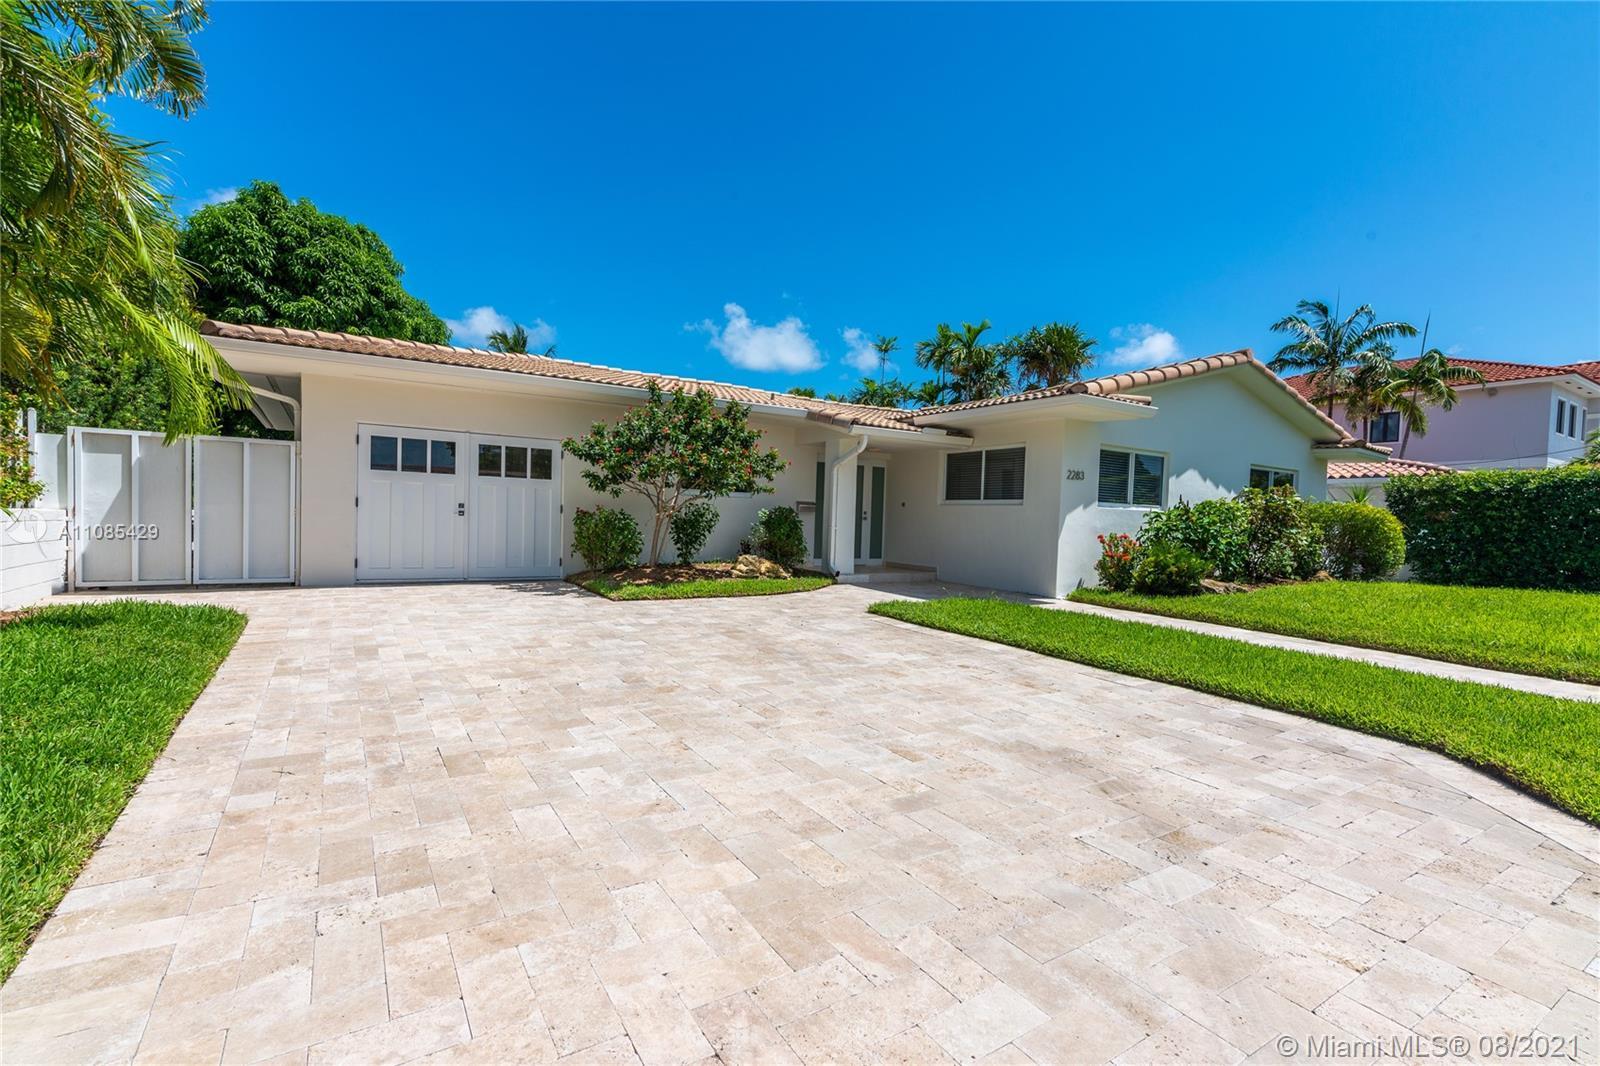 Keystone Point - 2283 Keystone Blvd, North Miami, FL 33181